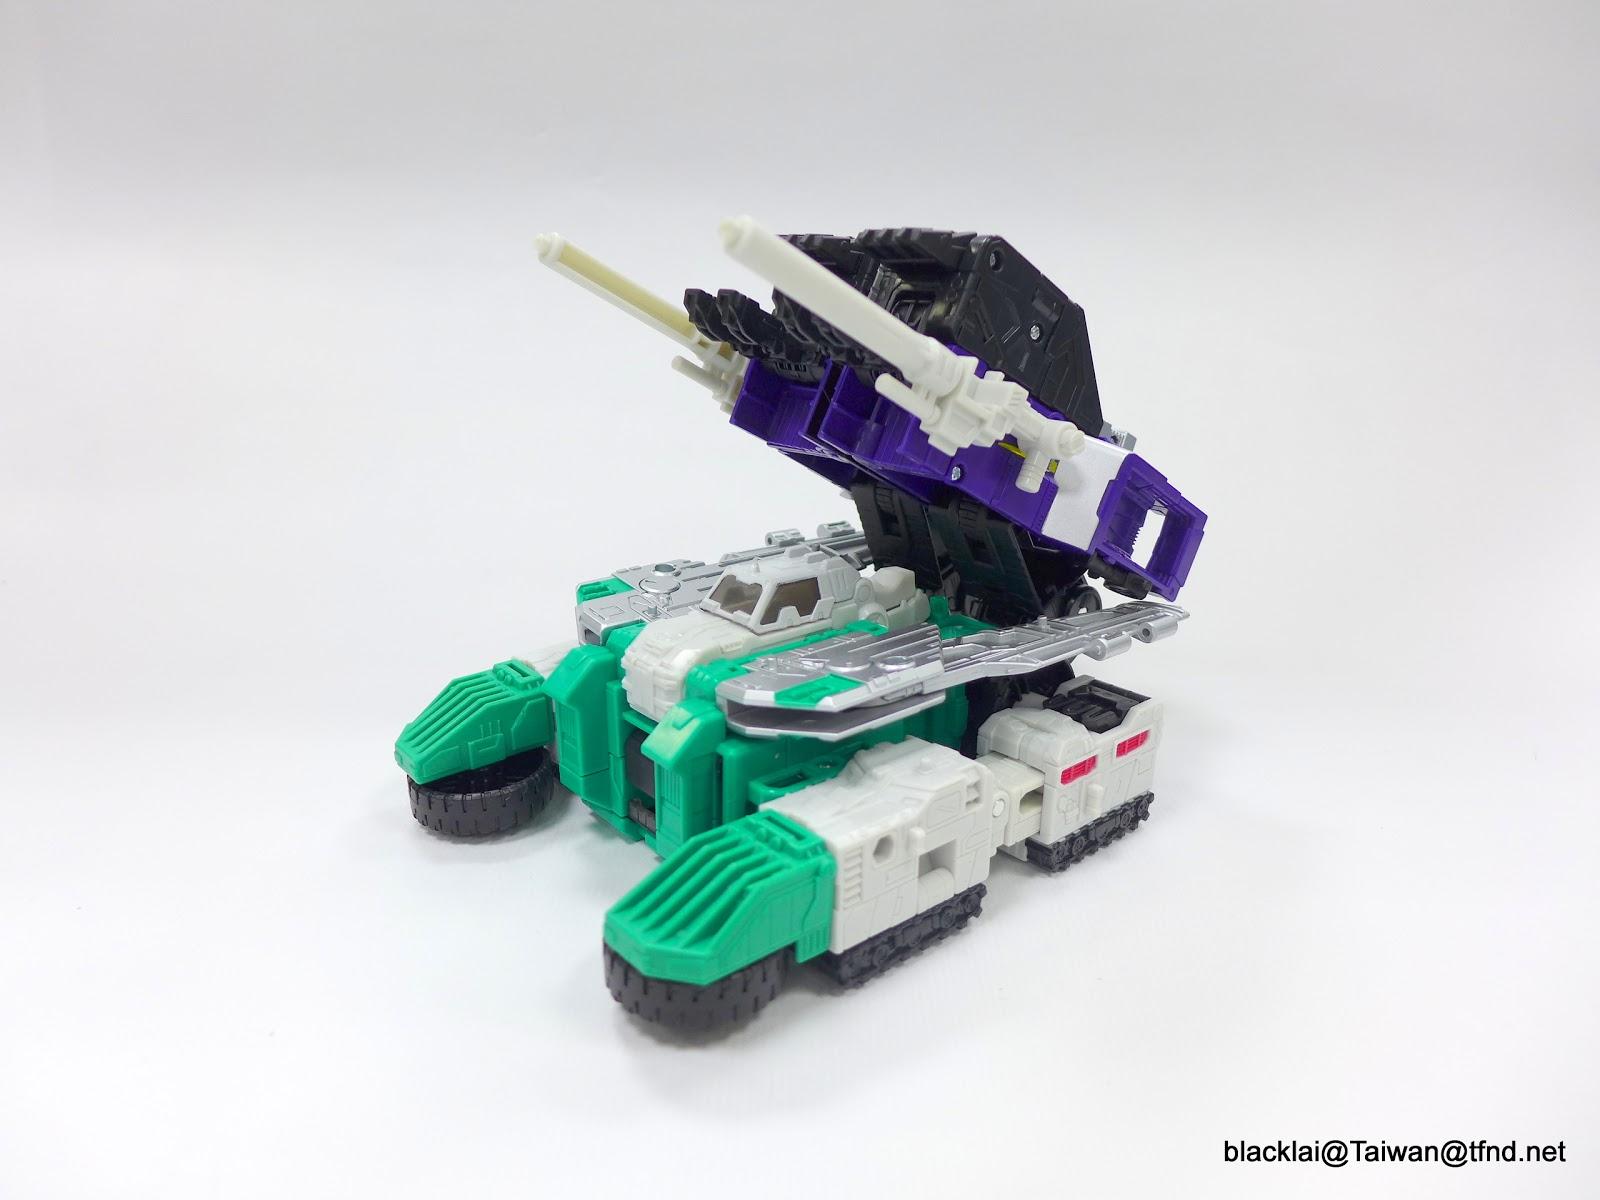 Jouets Transformers Generations: Nouveautés Hasbro - Page 40 P1500982